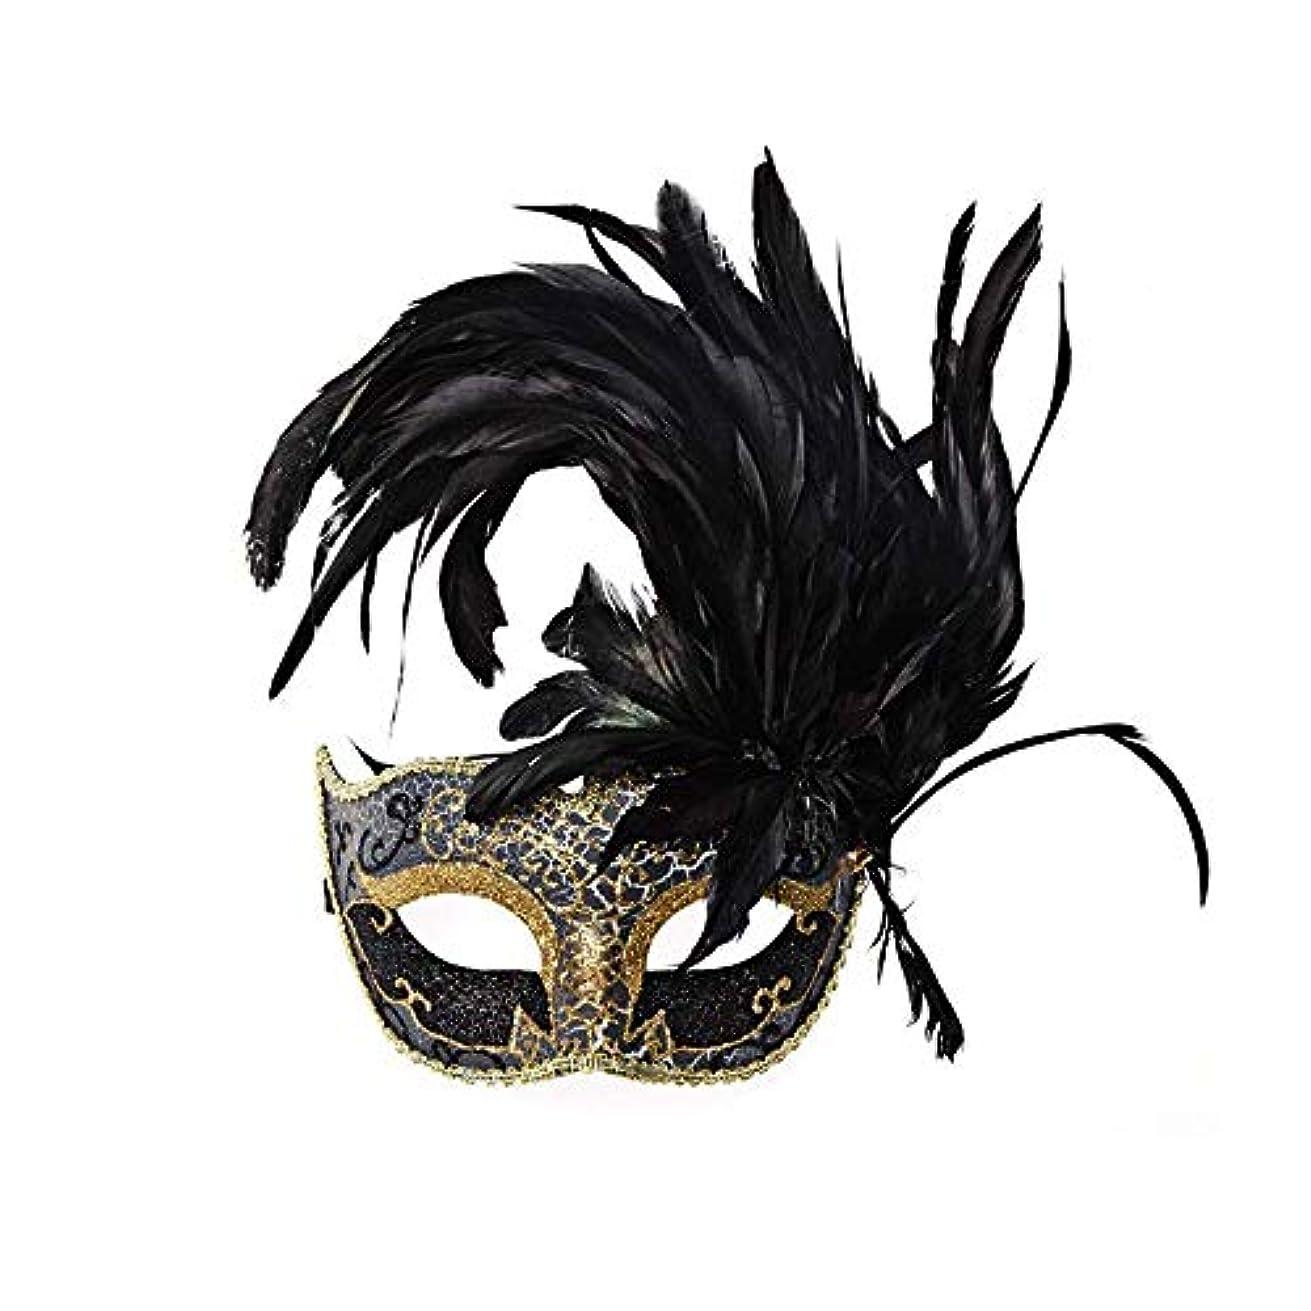 入り口対応明快Nanle ハロウィンマスクハーフフェザーマスクベニスプリンセスマスク美容レース仮面ライダーコスプレ (色 : Style A black)